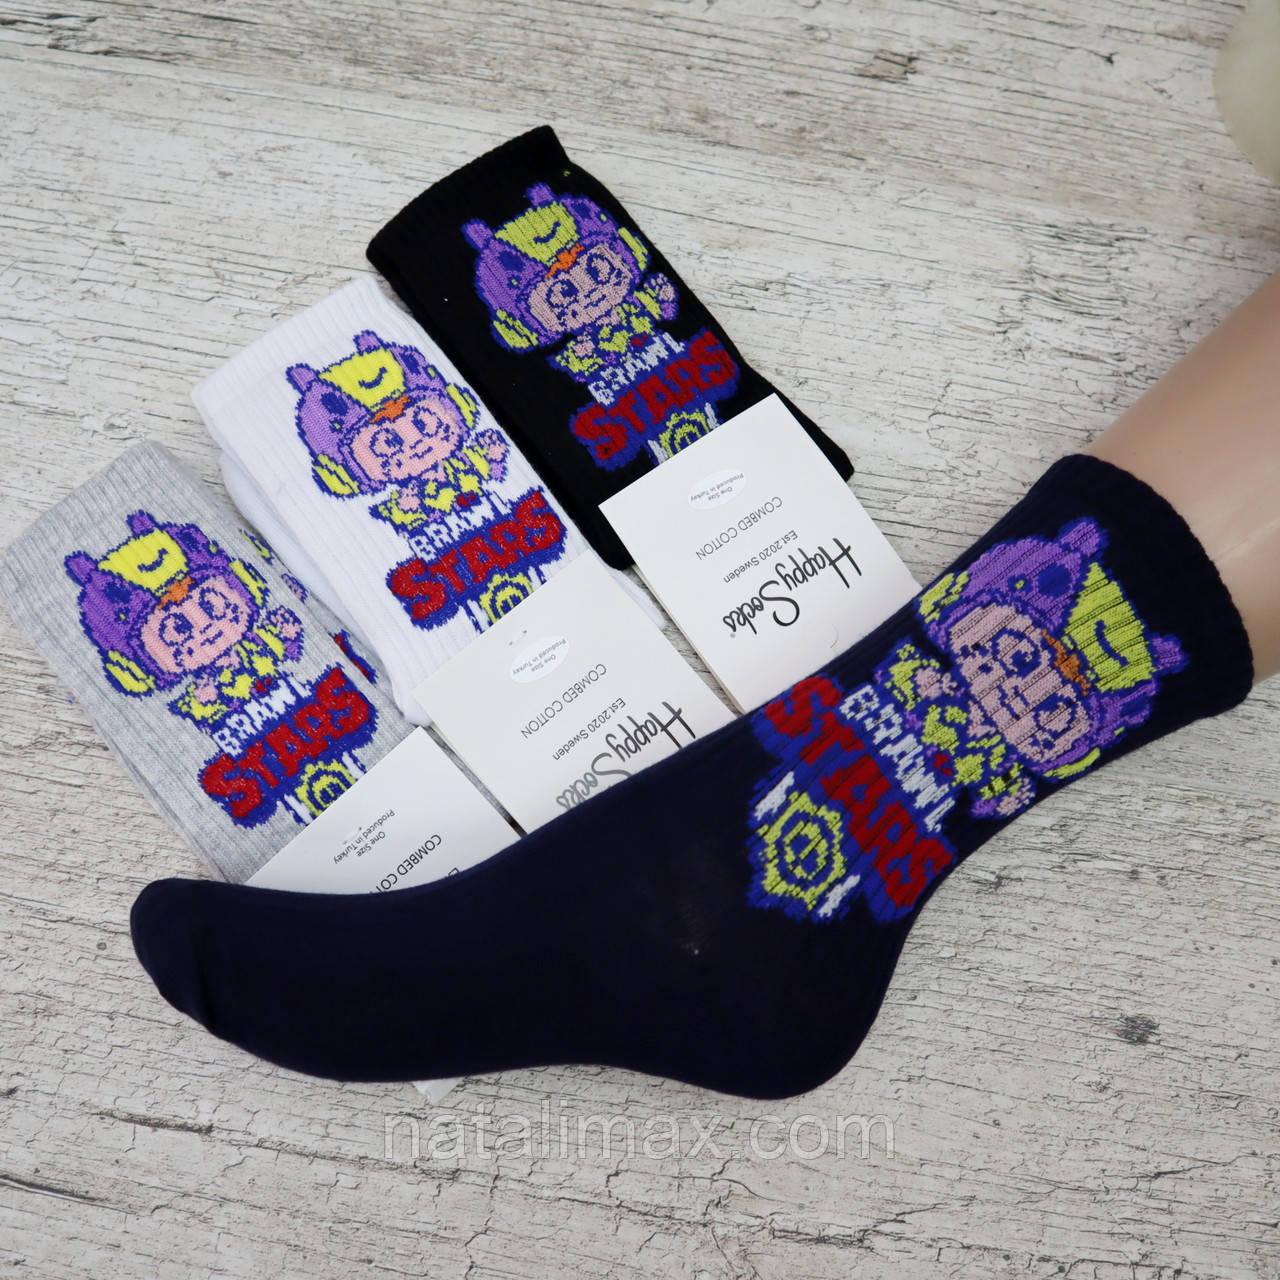 """Носки для мальчика """"Brawl Stars"""", размер 7 лет. Носки для мальчика, Турция"""